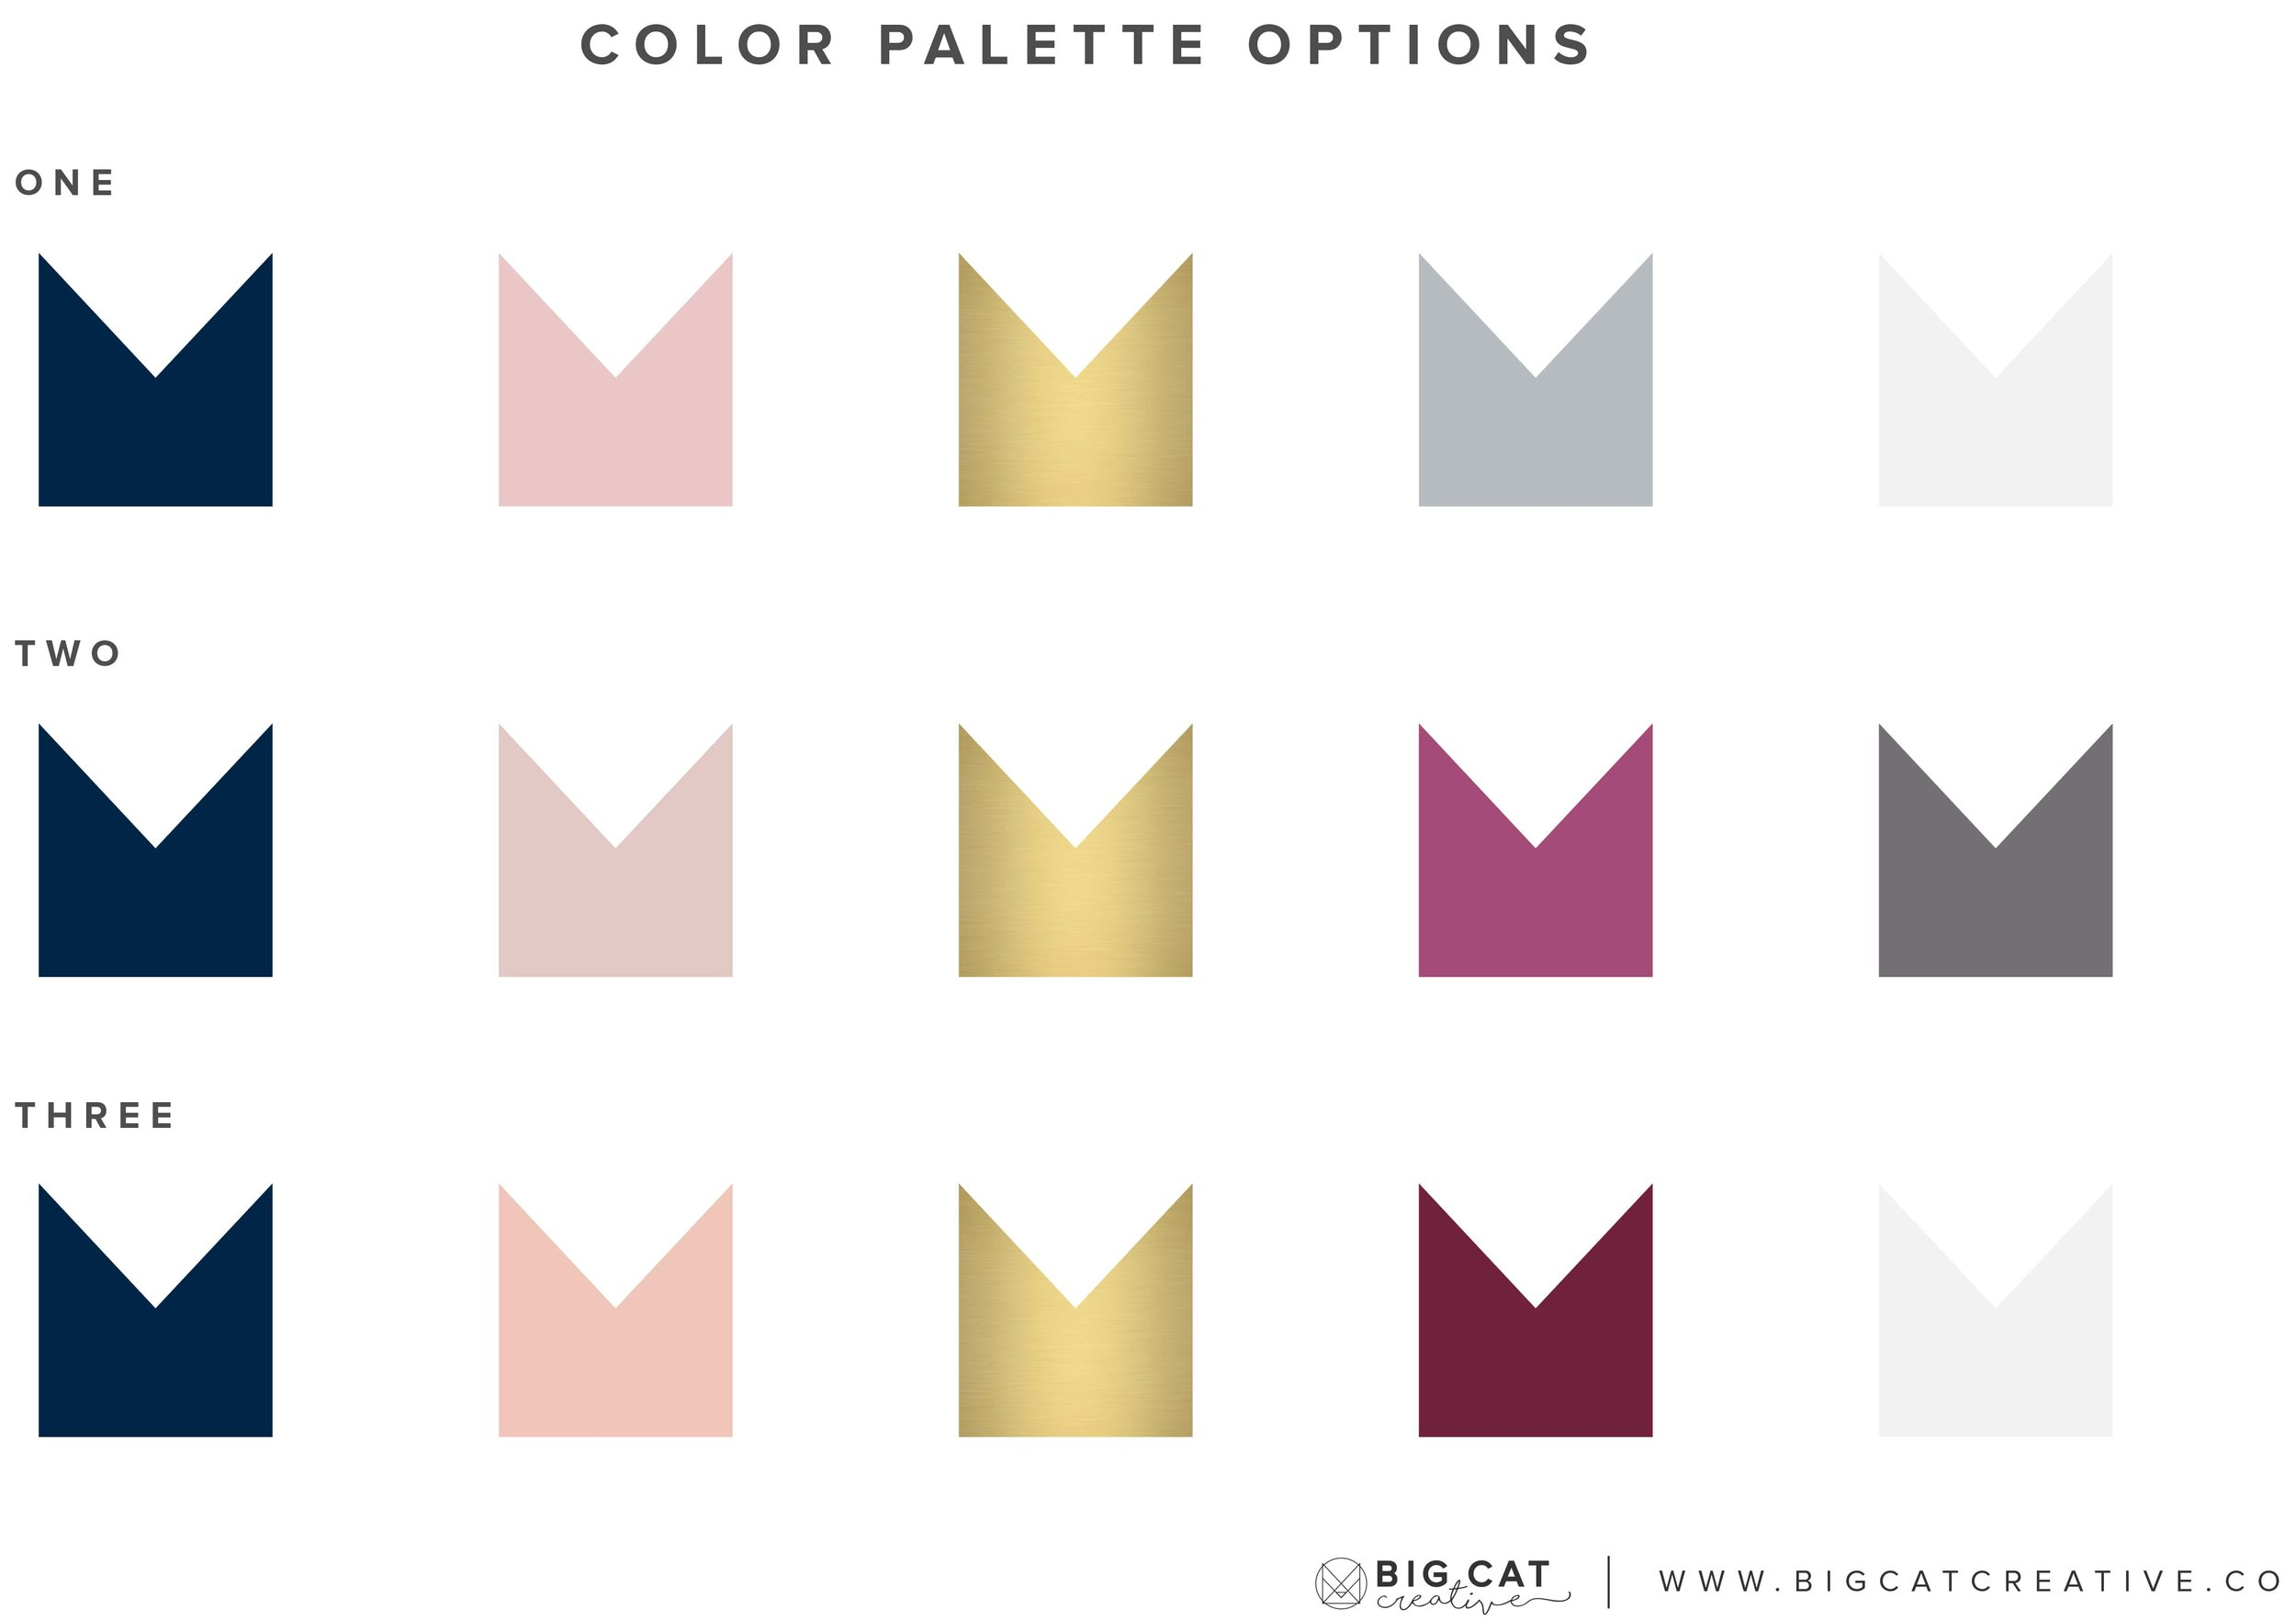 TCUP_Color+Palette-min.jpg